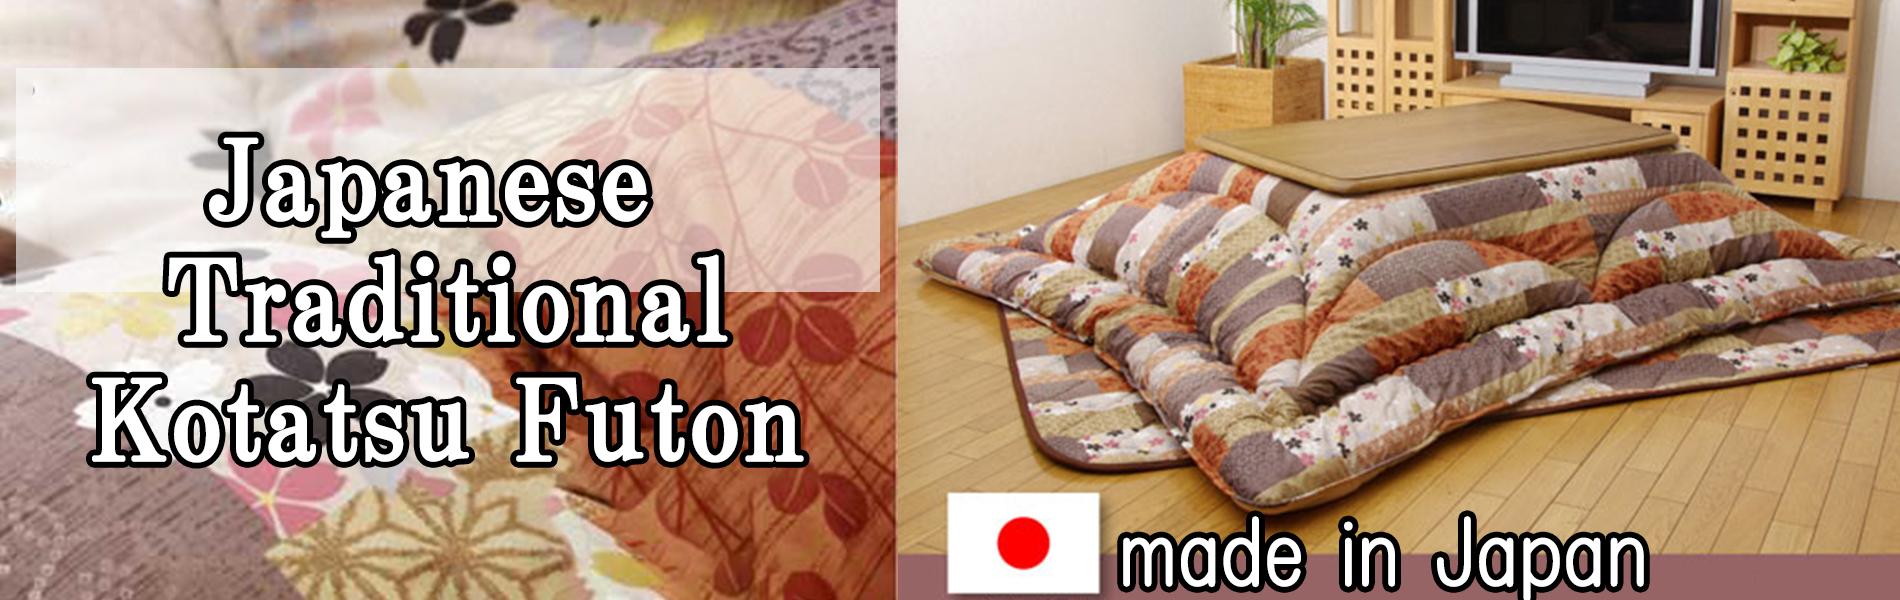 KotatsuFuton